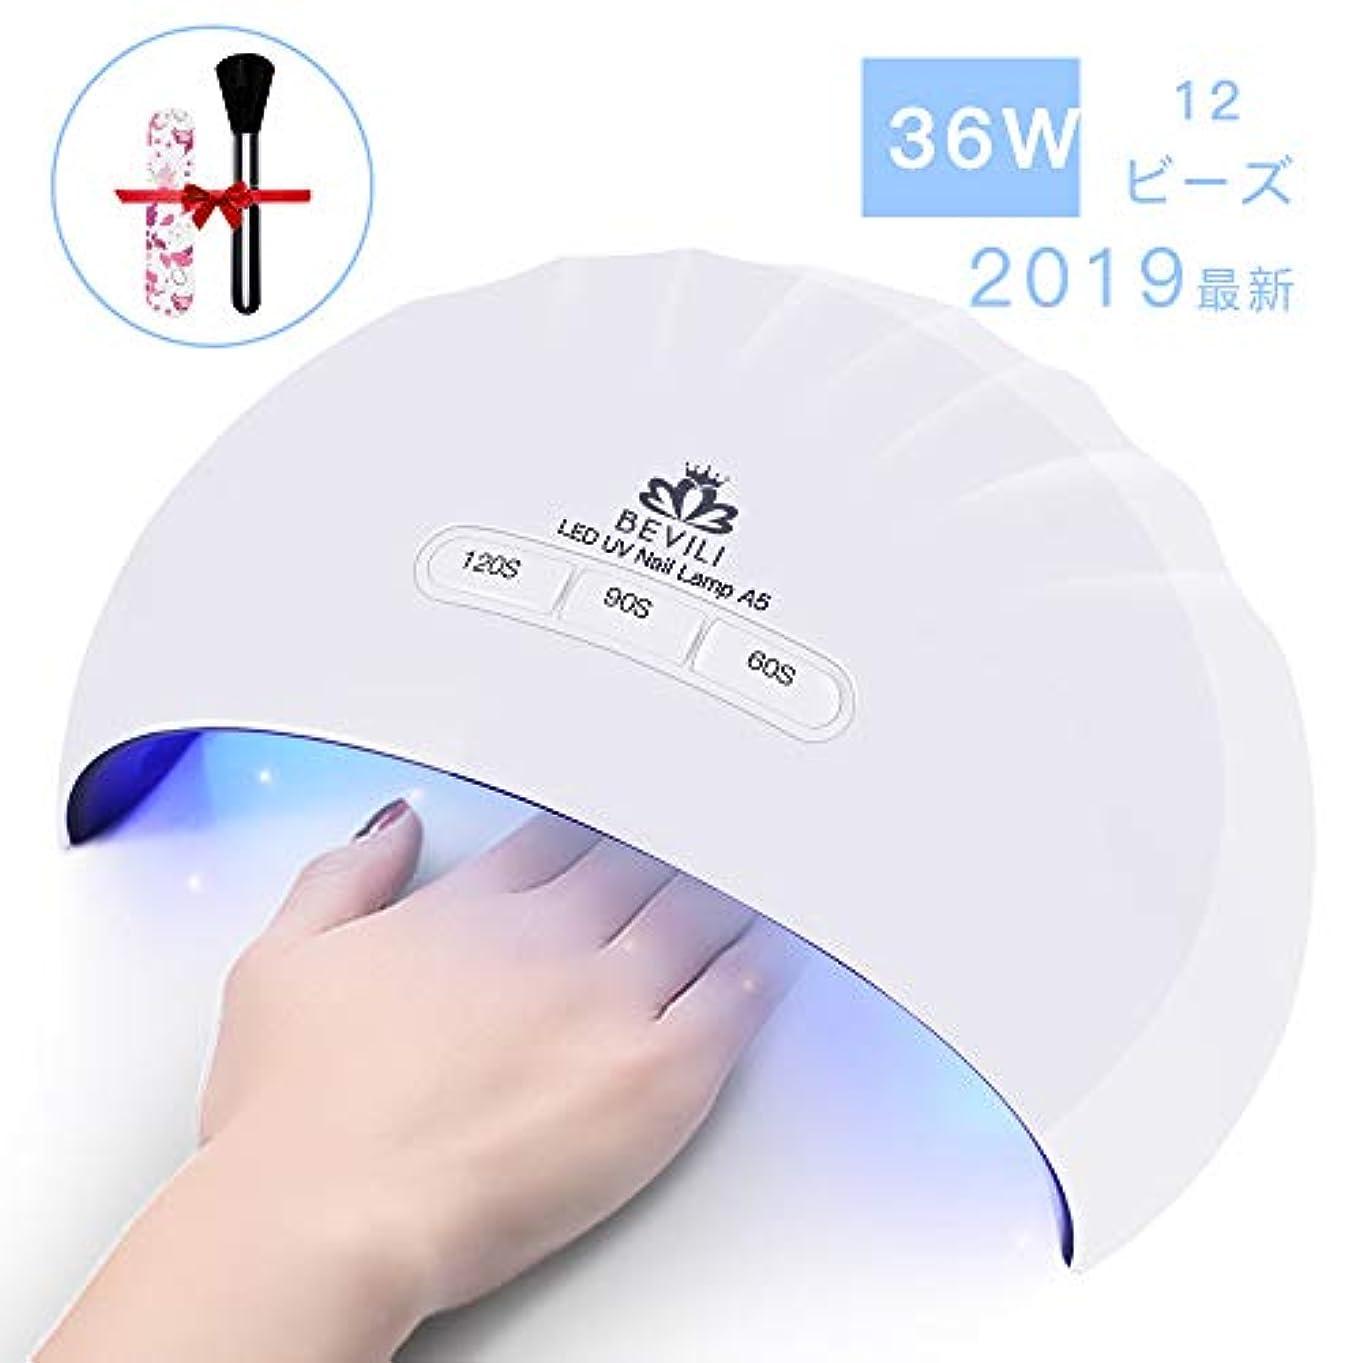 対応するしてはいけない確認硬化用UV/LEDライトジェルネイルライト 肌をケア センサータイマー付き UVライト 速乾UV ネイル ハンドフット両用 ネイル led ライト USB対応 (ホワイト)